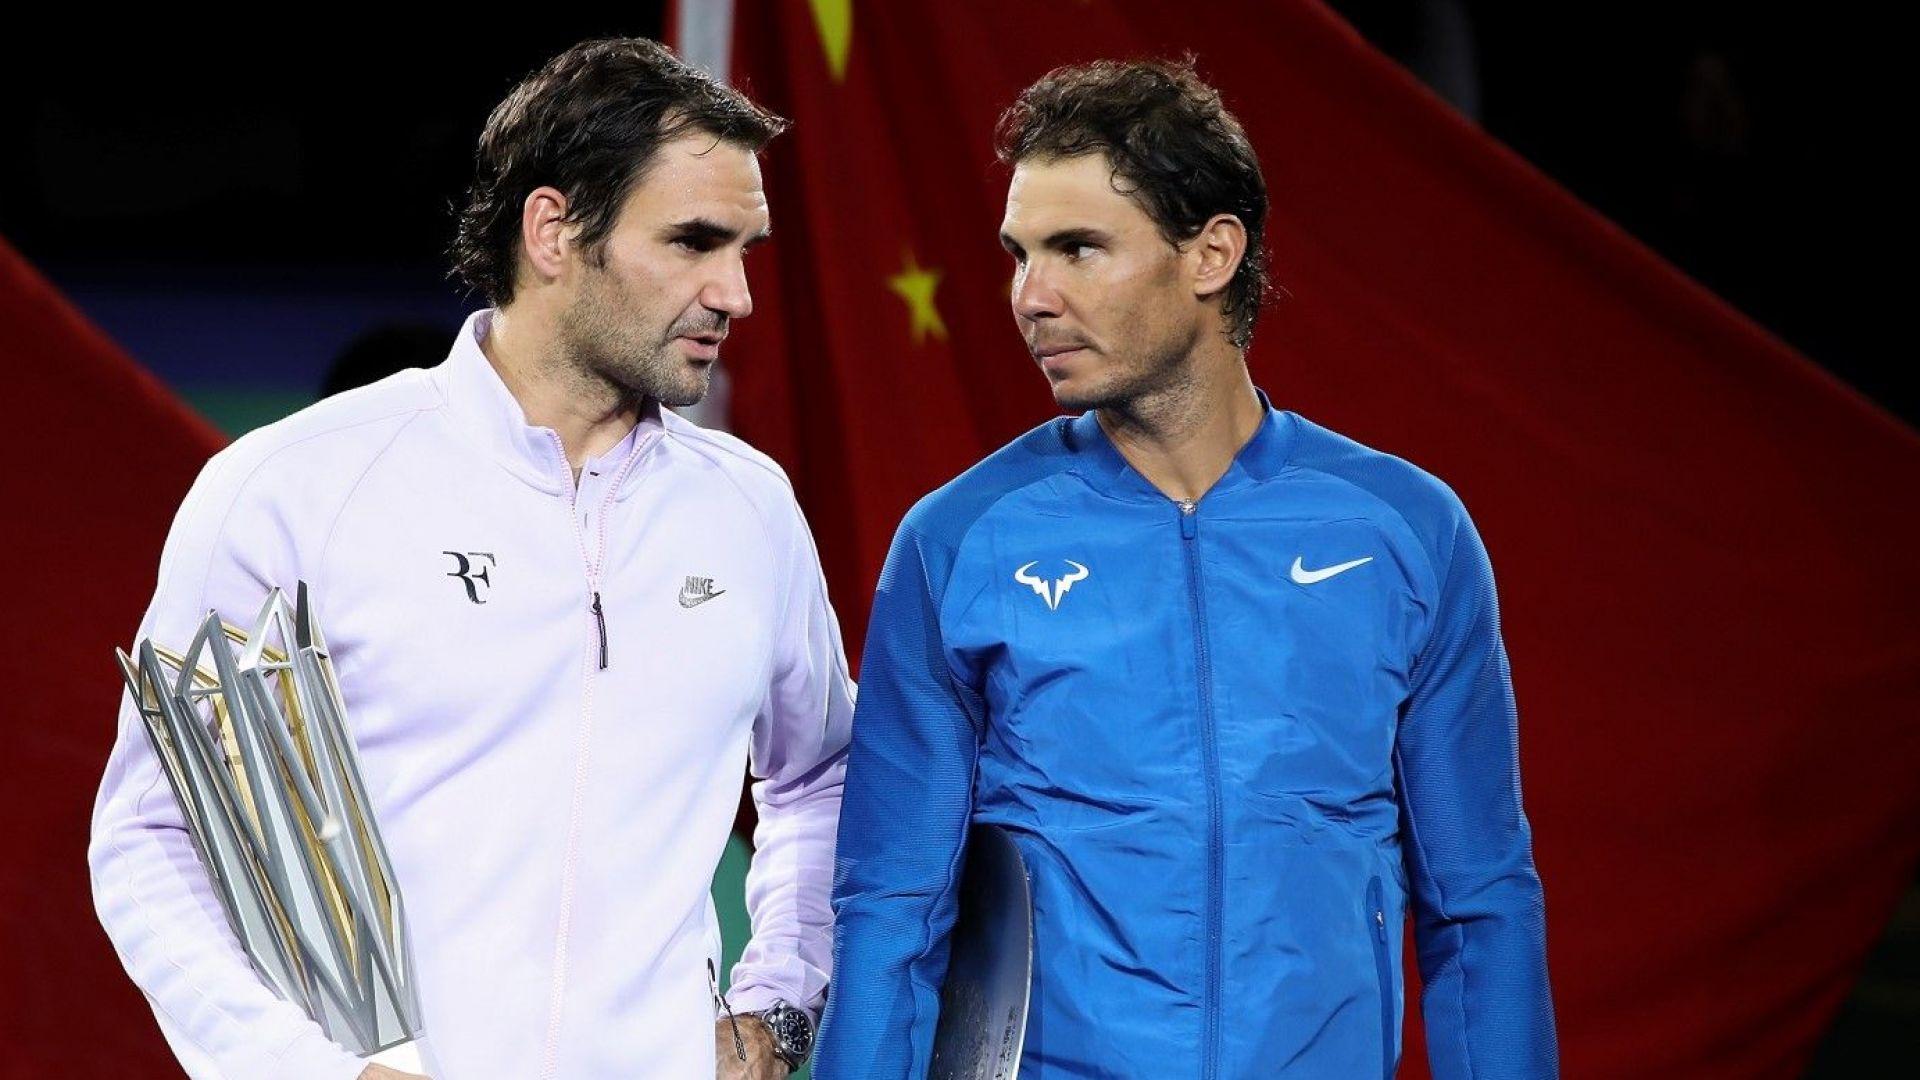 7 от най-големите звезди в тениса се срещат в уникален благотворителен мач за Австралия